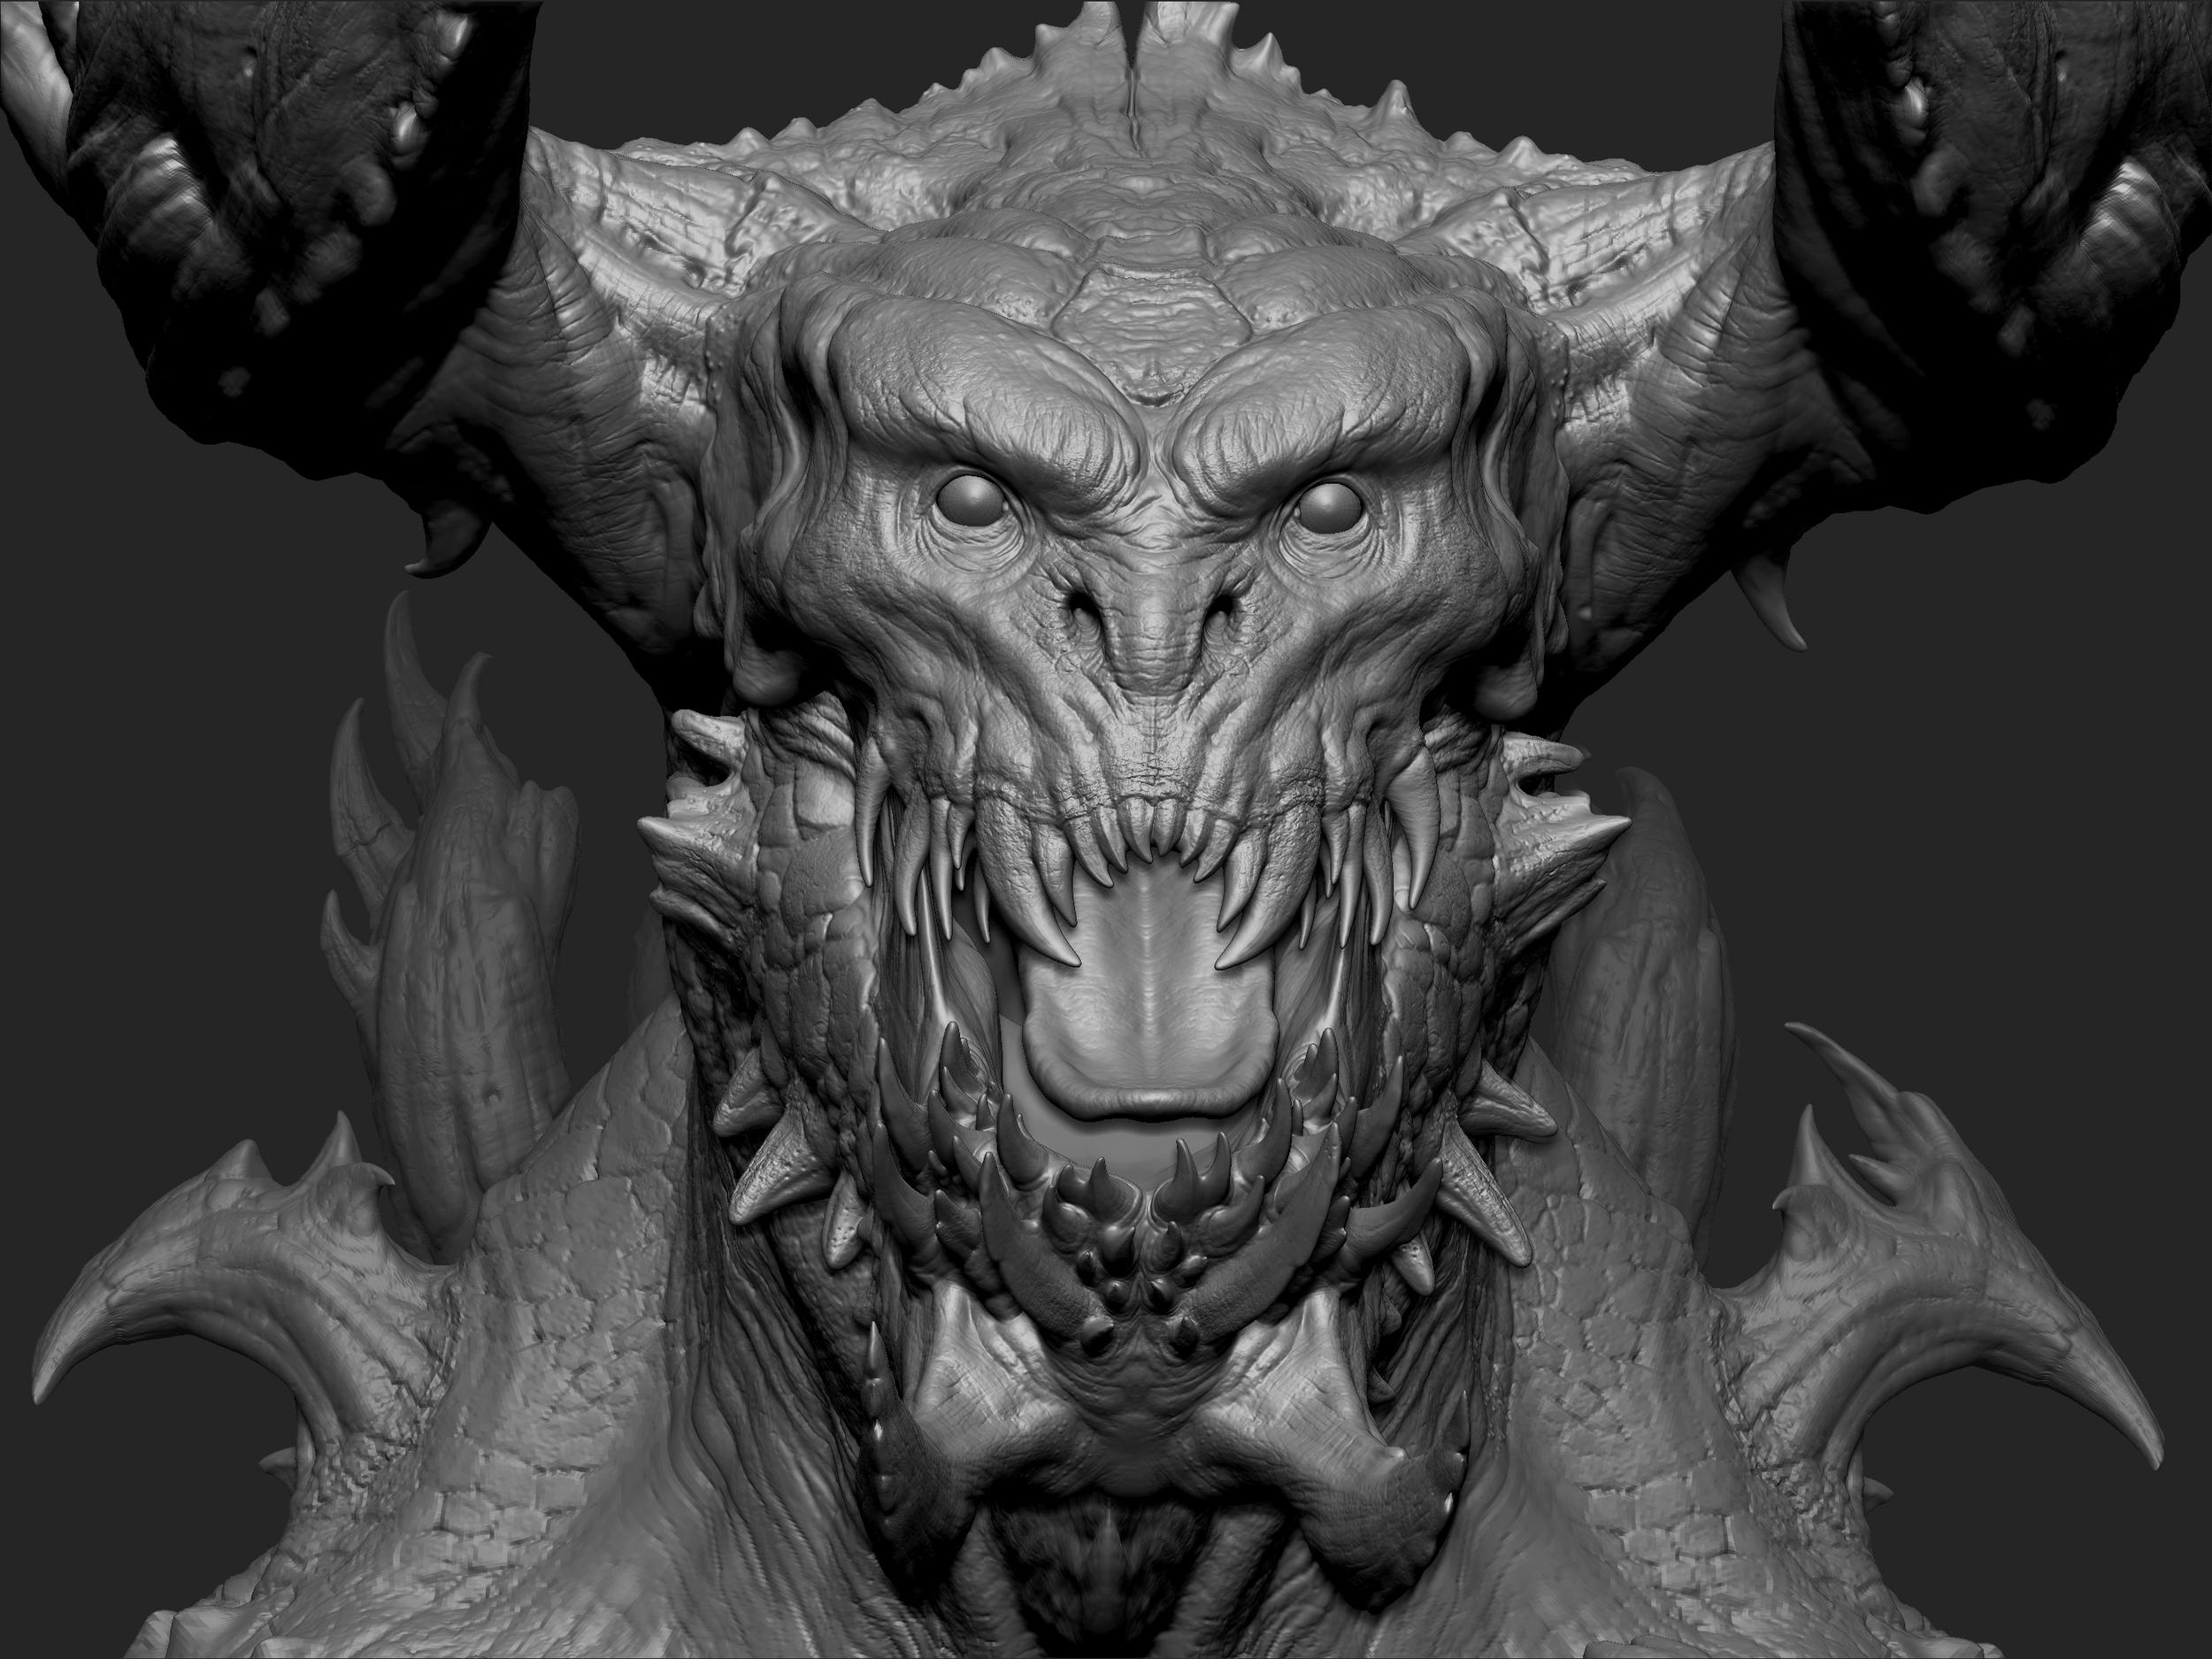 06_Demon_Sculpt.jpg